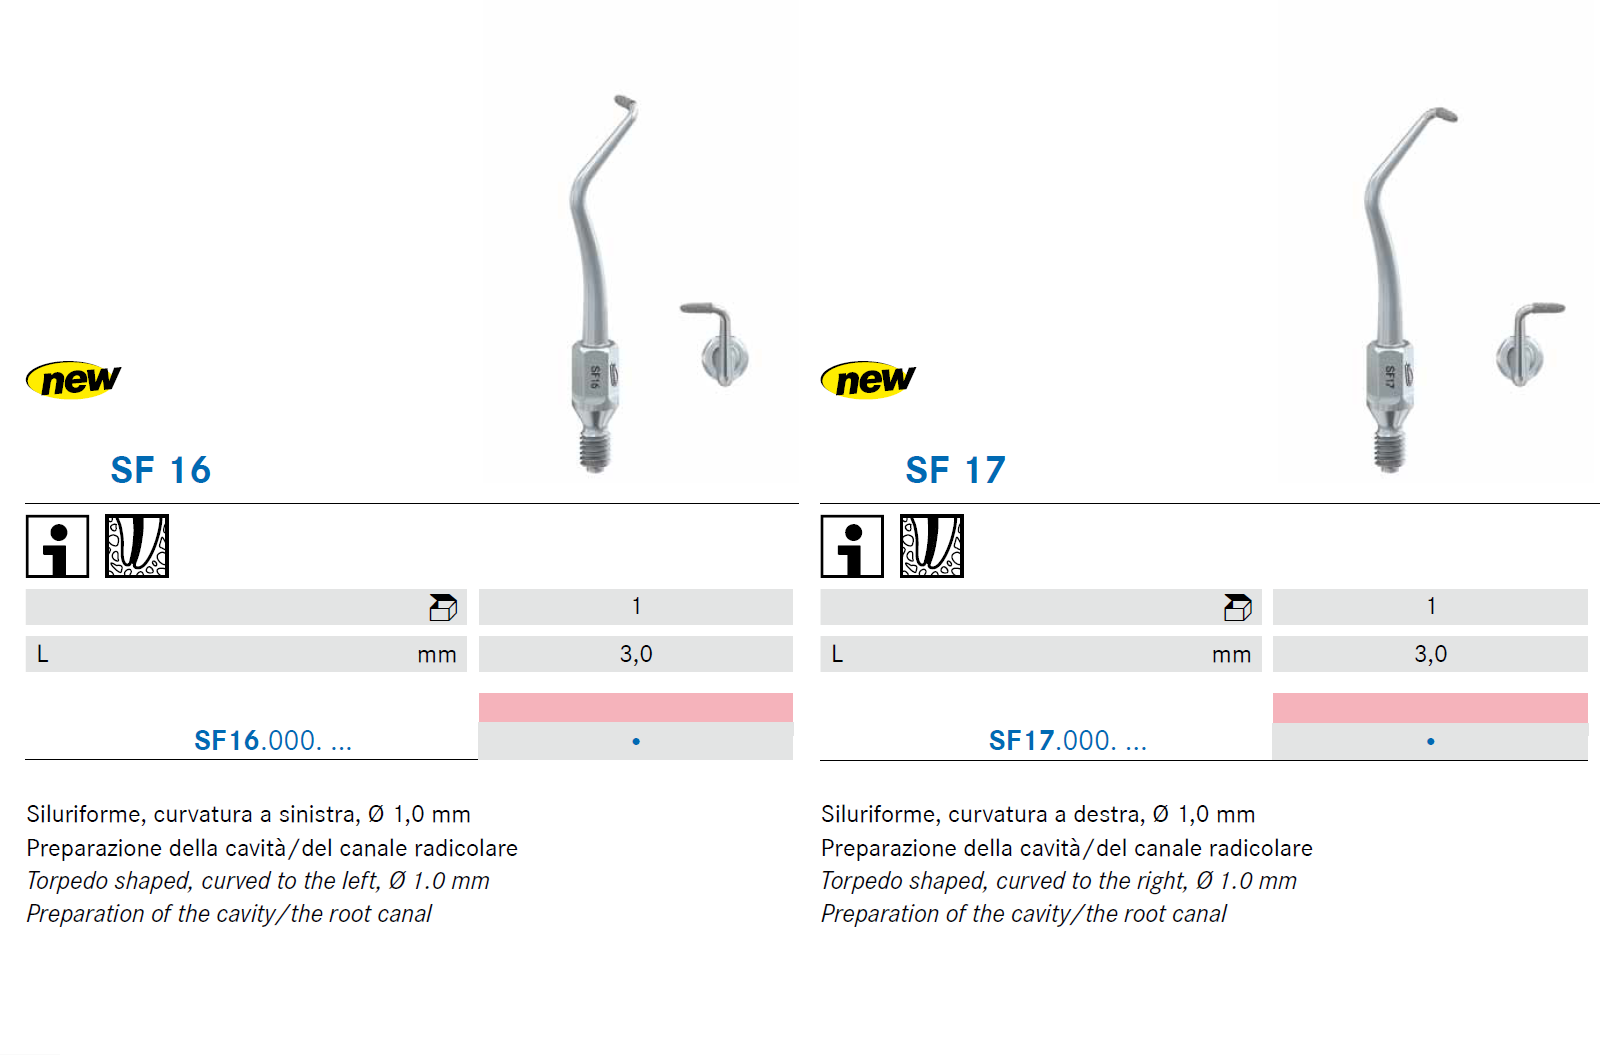 Punte soniche per endodonzia SF16 SF17